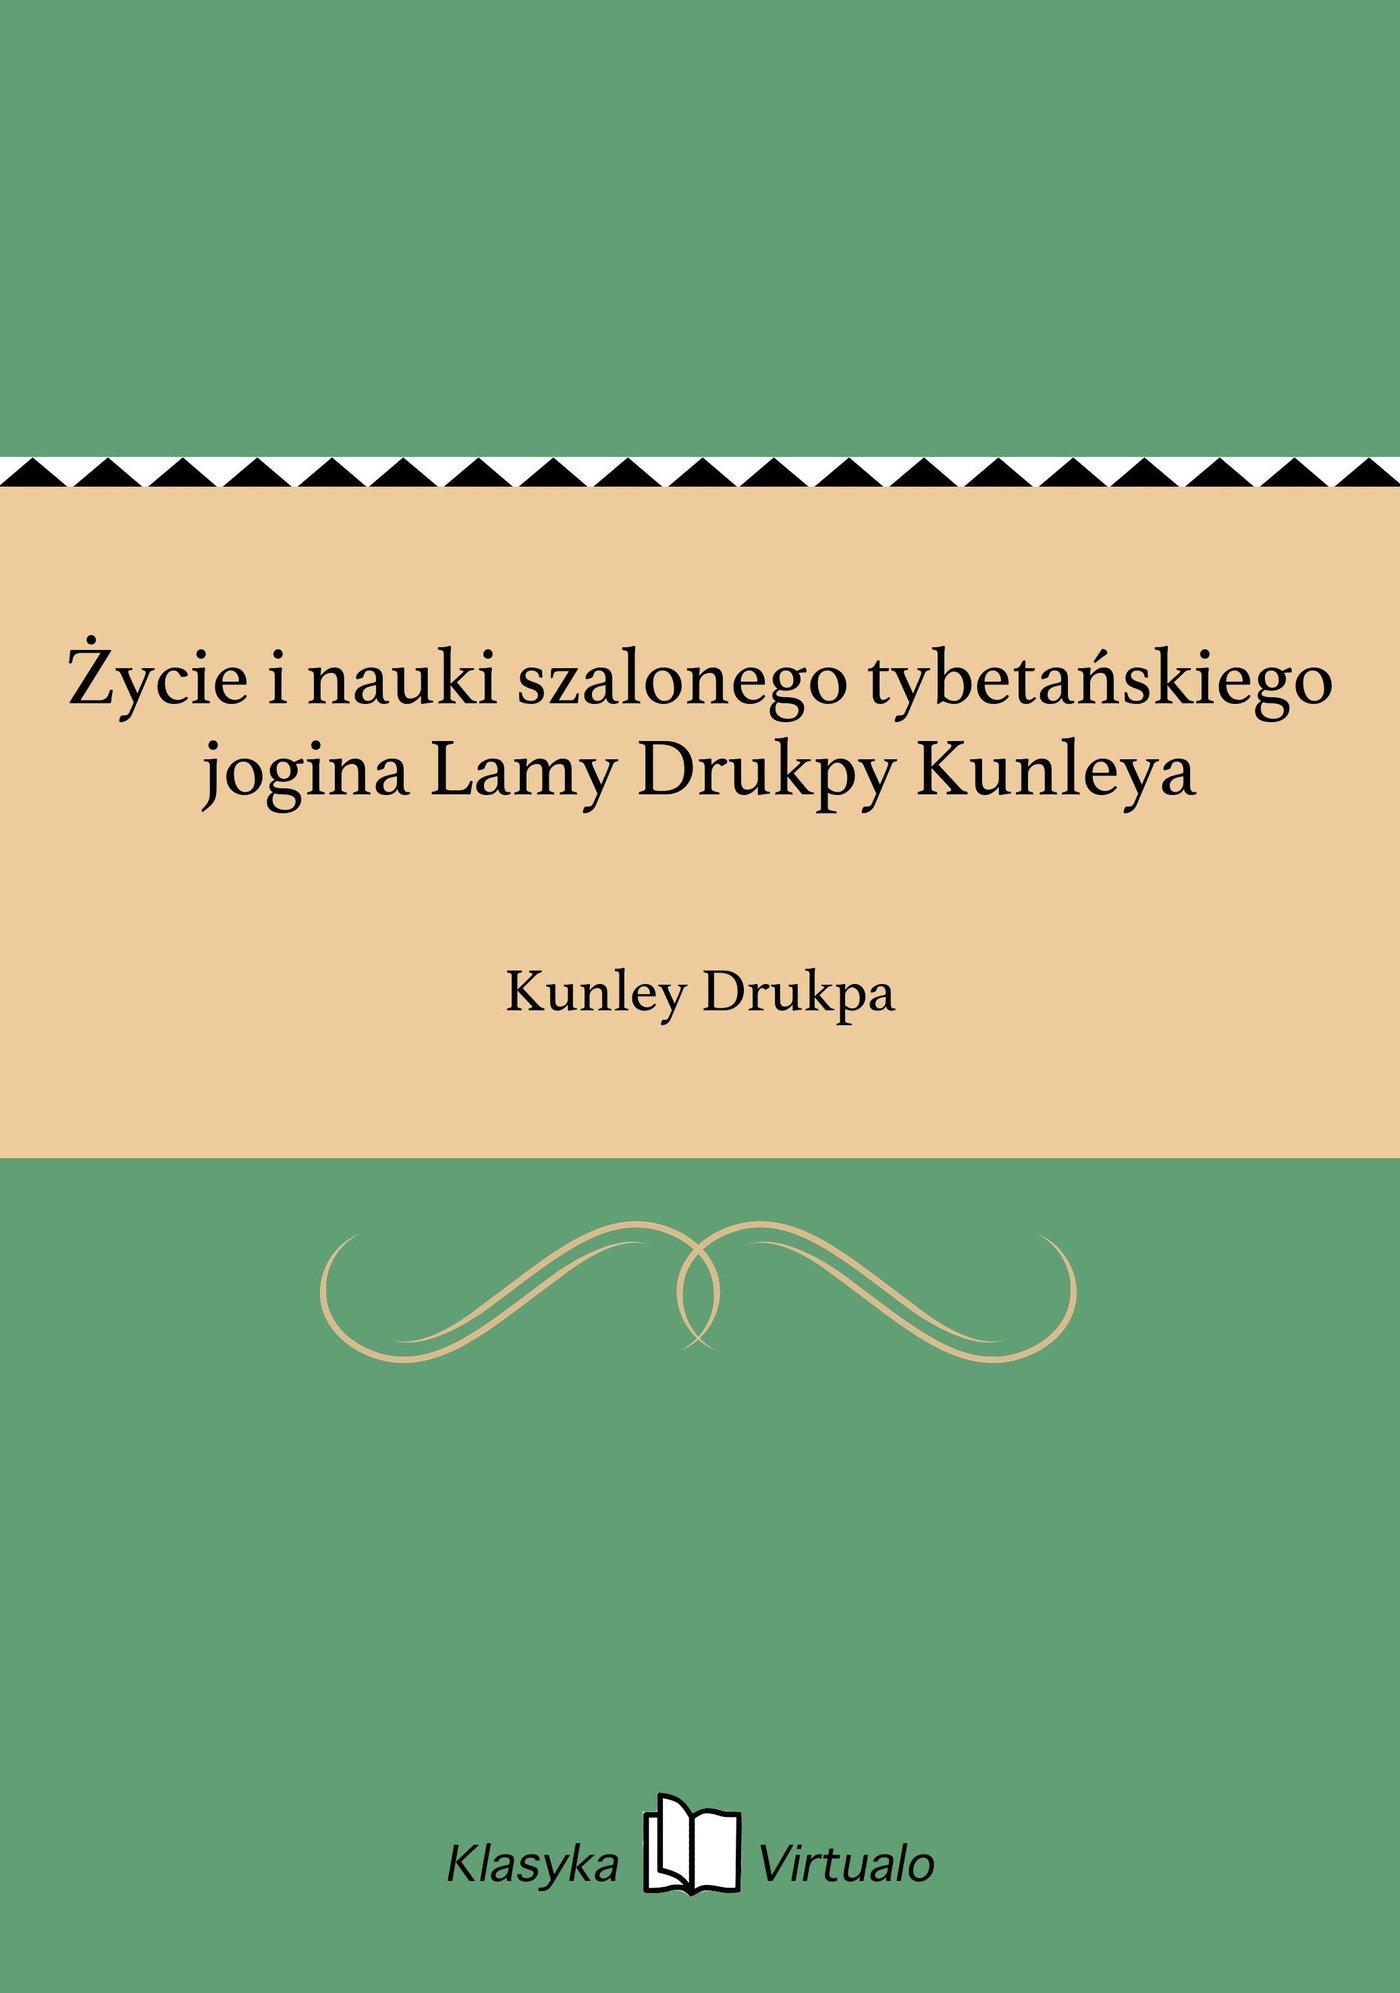 Życie i nauki szalonego tybetańskiego jogina Lamy Drukpy Kunleya - Ebook (Książka EPUB) do pobrania w formacie EPUB